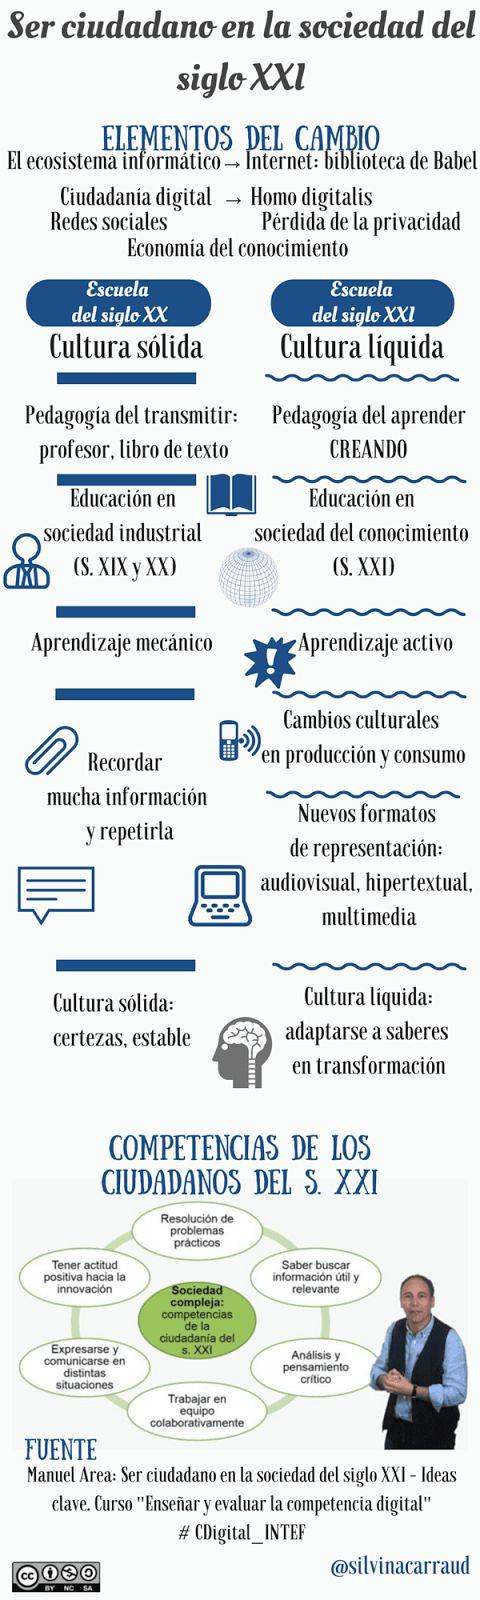 PLE docente : #CDigital_INTEF Ciudadanía culta y autónoma en la sociedad digital